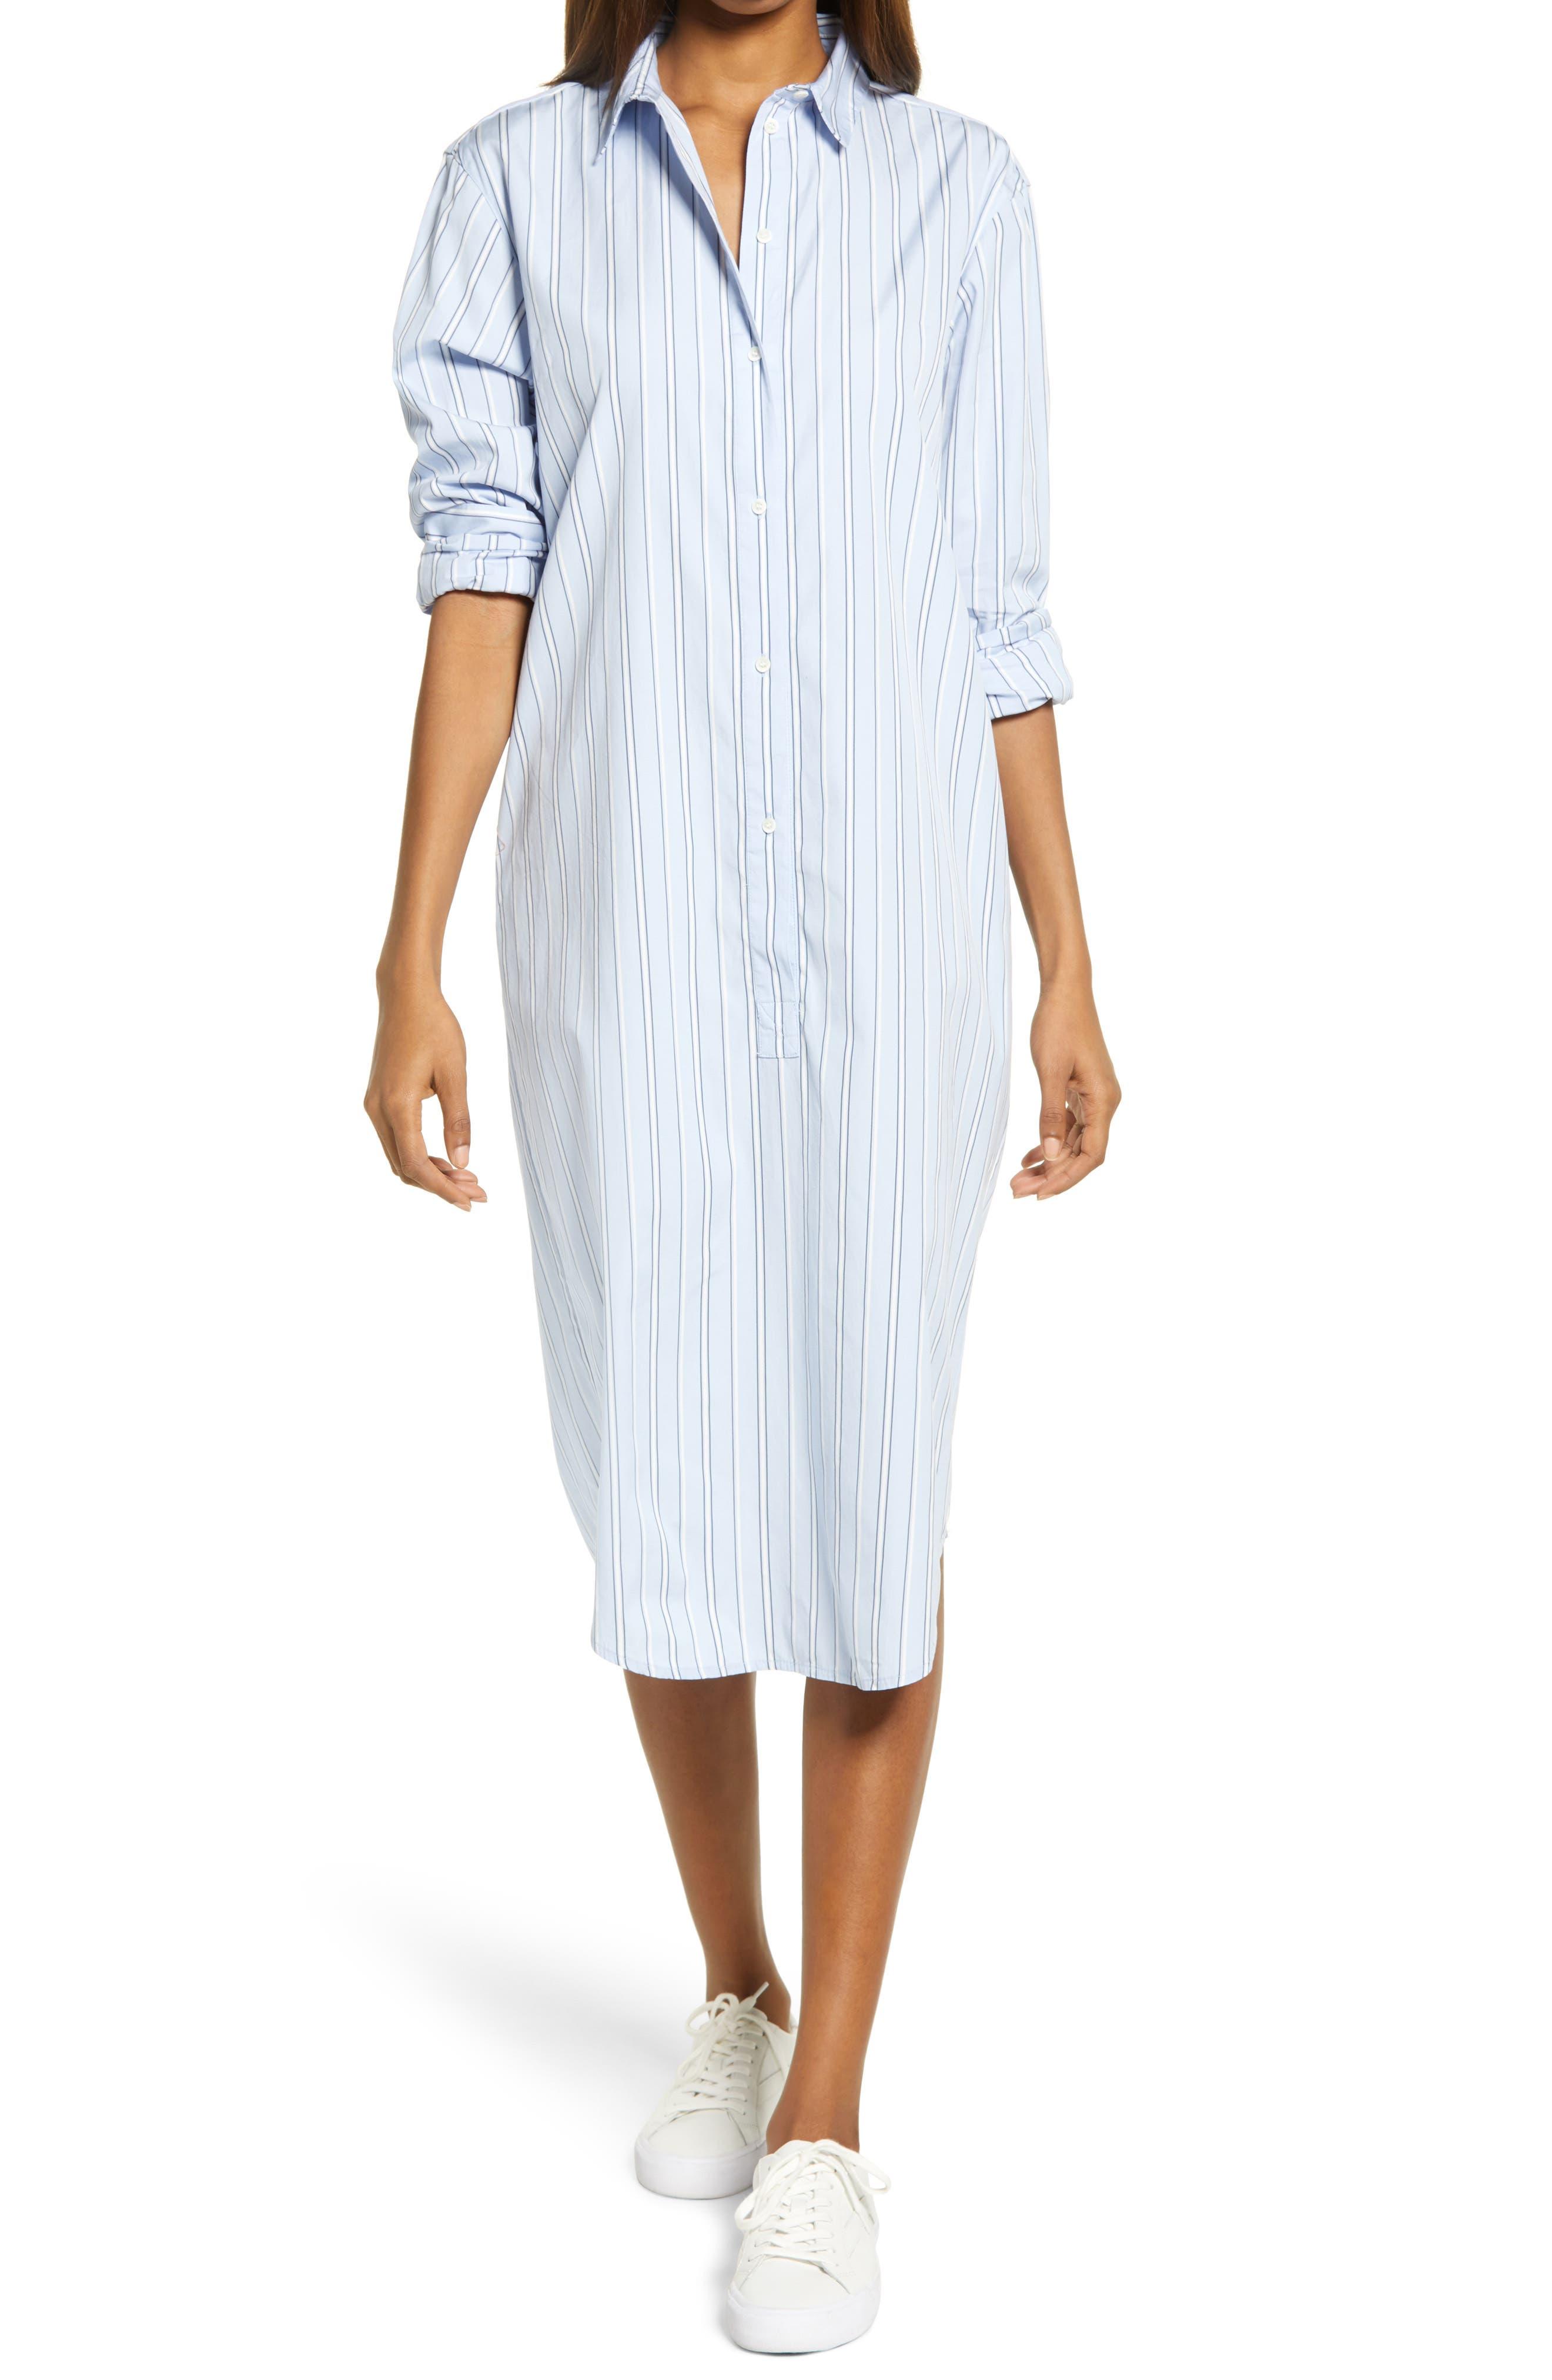 AMERICAN LIVING NEW Women/'s Satin-tie Velvet Party A-Line Dress TEDO